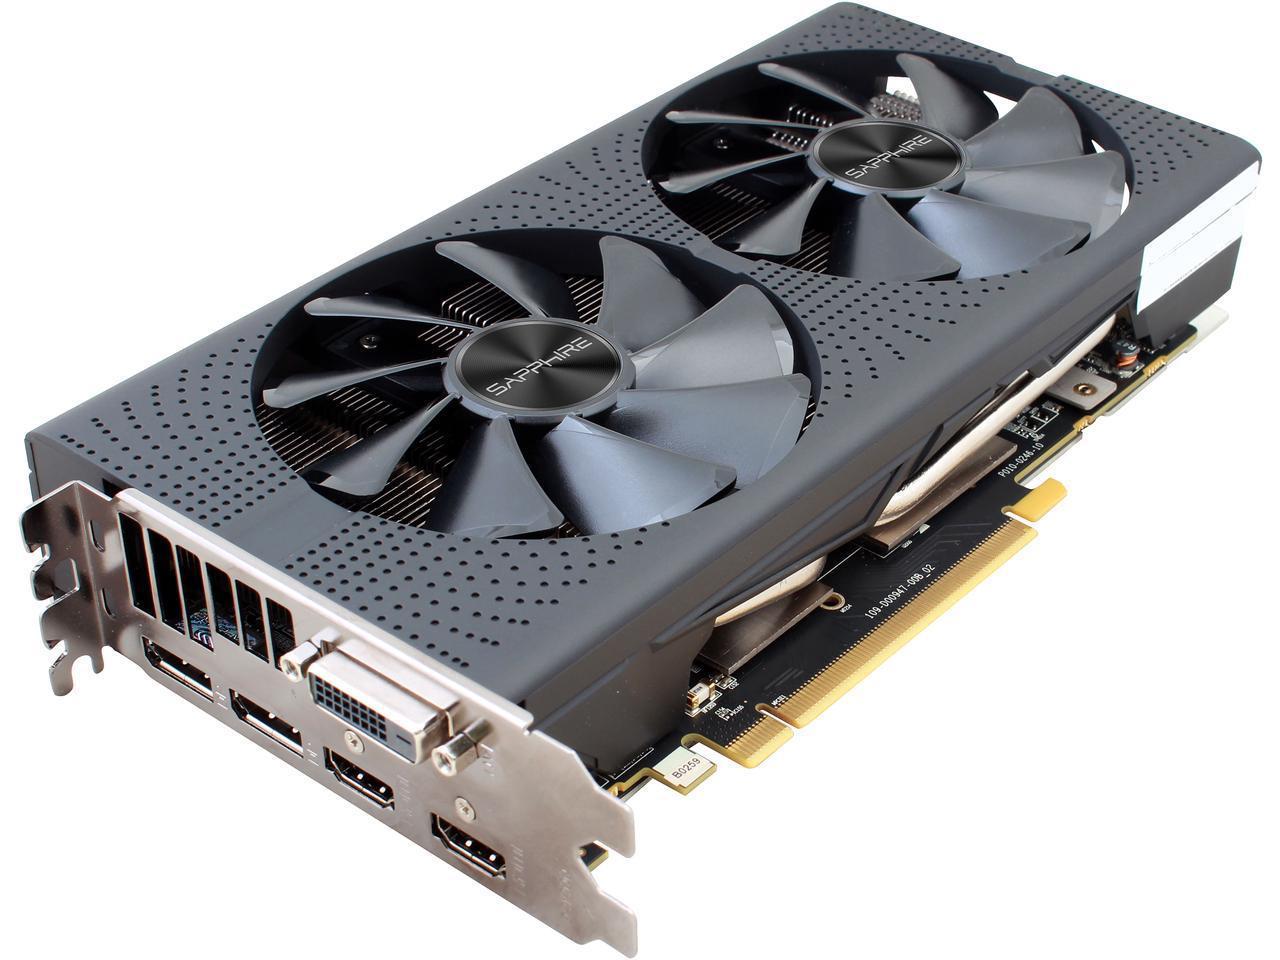 Видеокарта Sapphire Pulse Radeon RX 570 Dual-X 8GB - 81b1b373dfb3700a3ce4ab0ac9814191.jpg